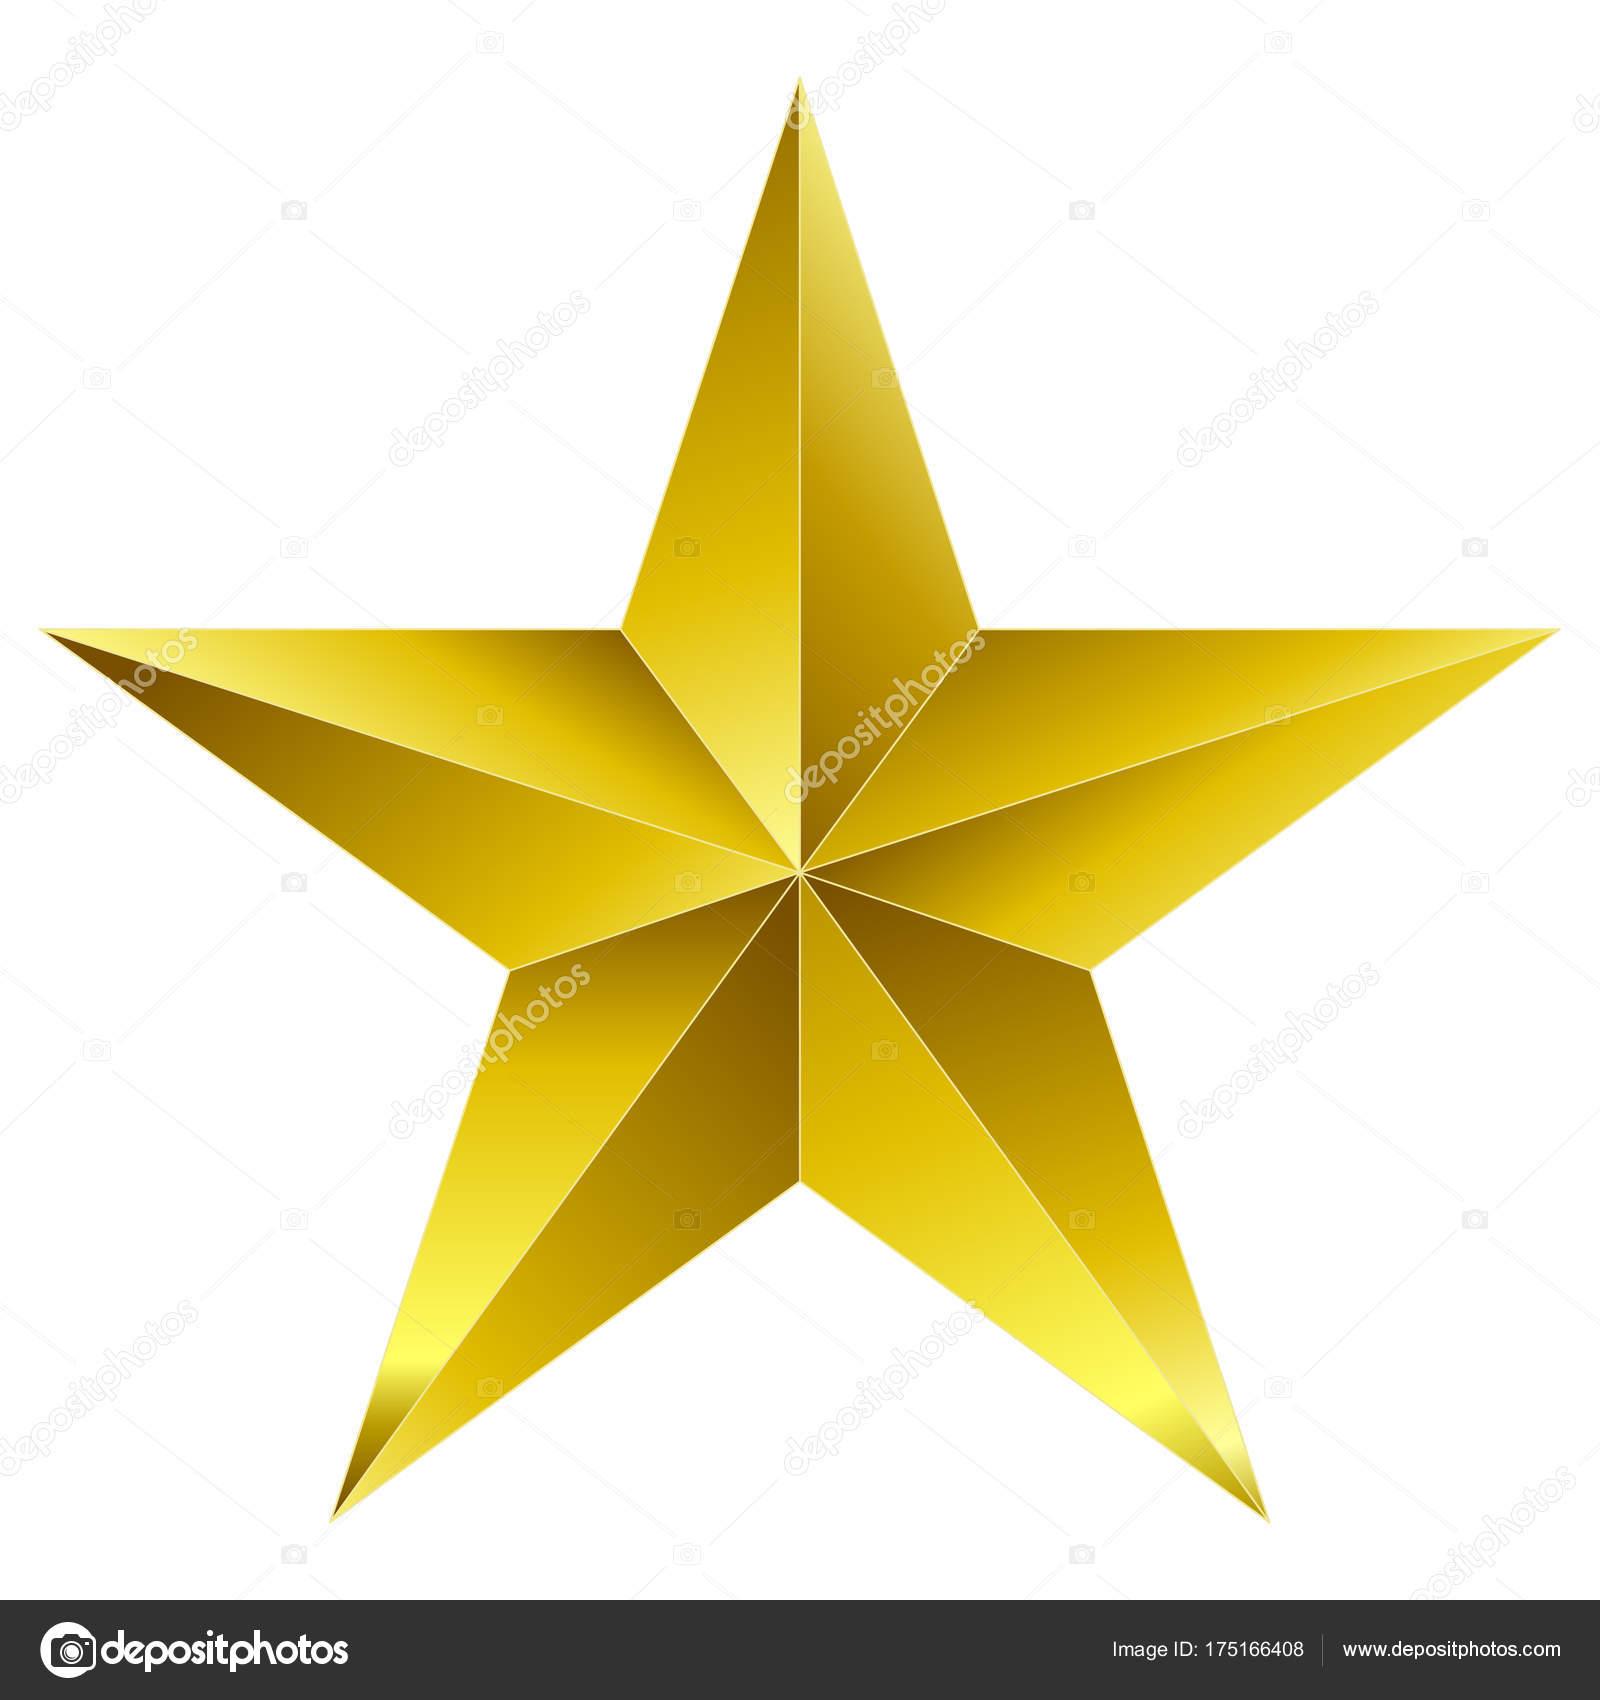 Stern Weihnachten.Weihnachten Sterne Golden 5 Punkt Stern Isoliert Auf Weiss